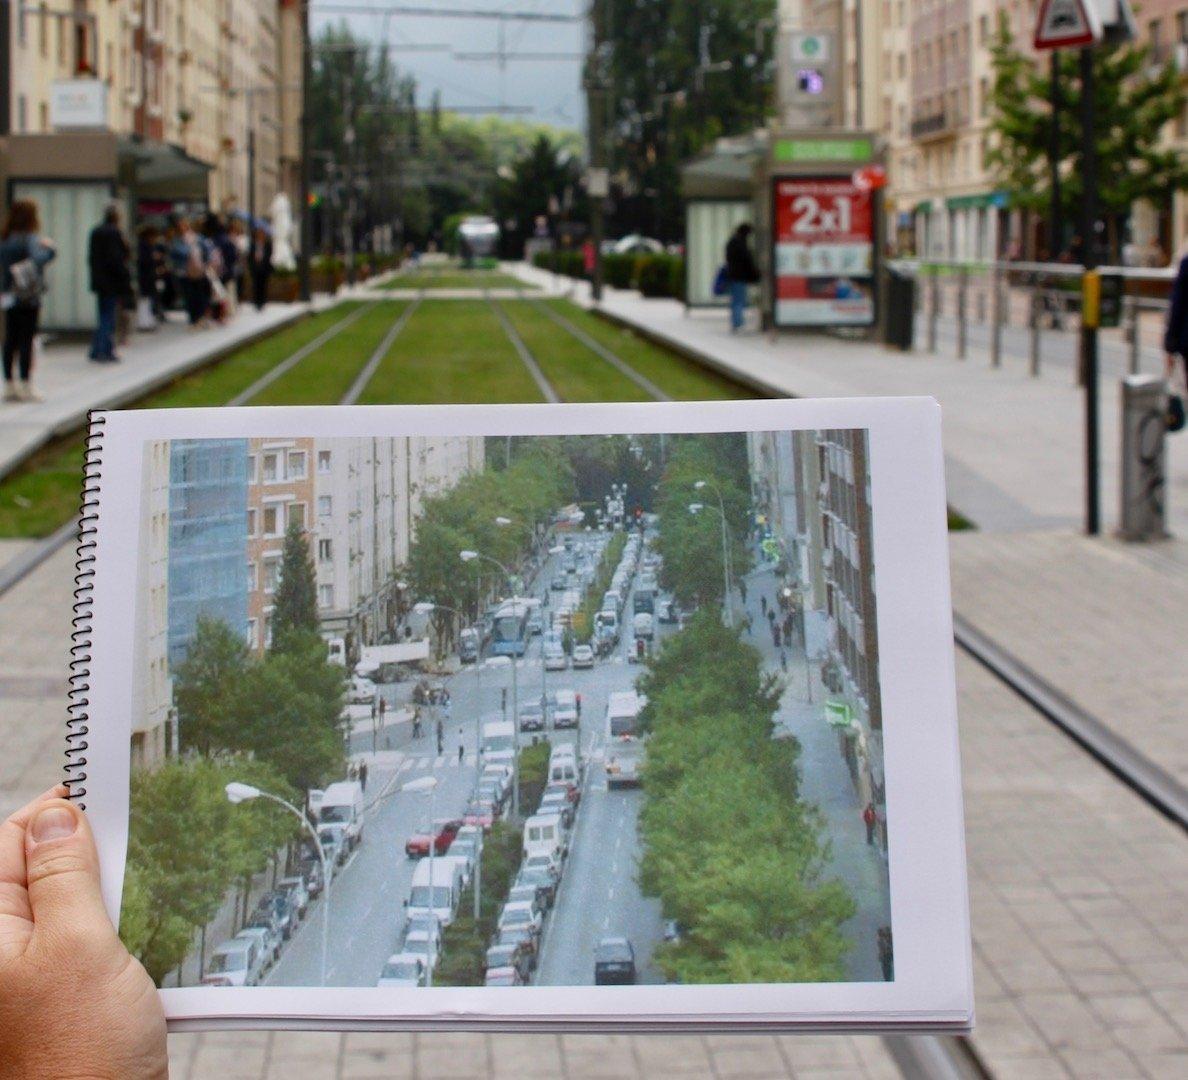 Eine Hand hält einen Block vor der Straße hoch. Auf dem Block ist ein Bild der Teil der Straße aus der Froschperspektive zu sehen.